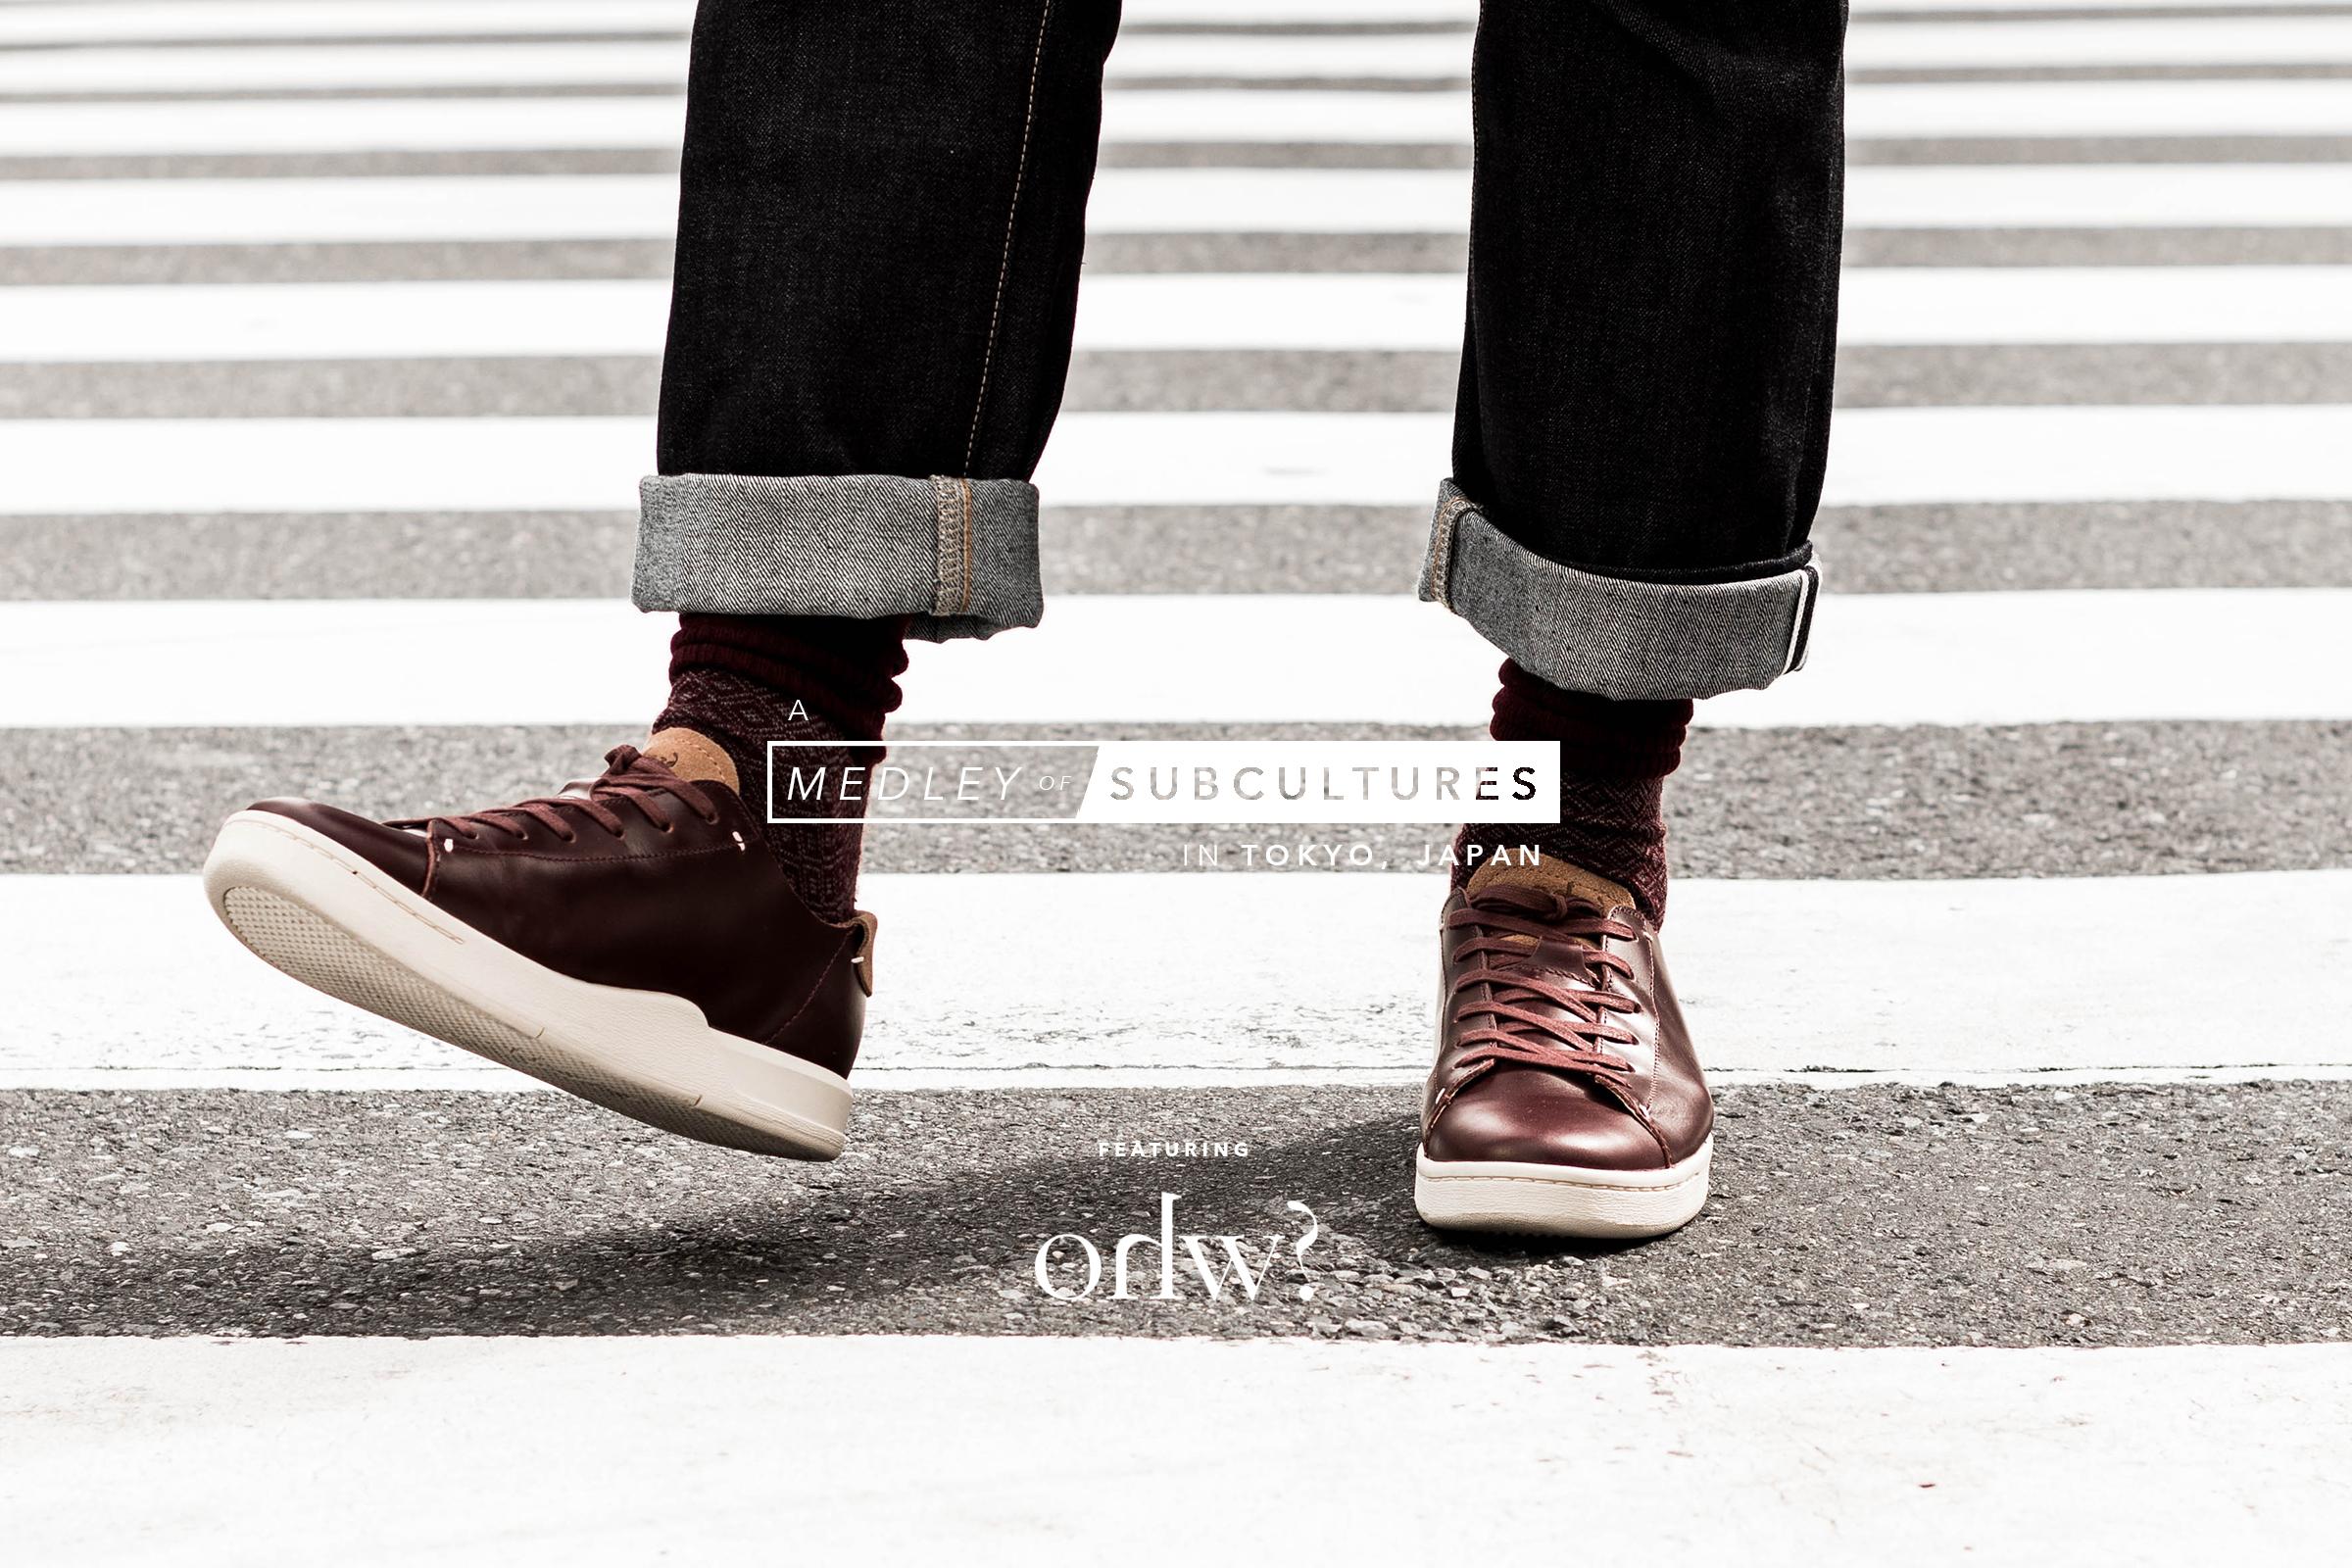 ohw-tokyo-1